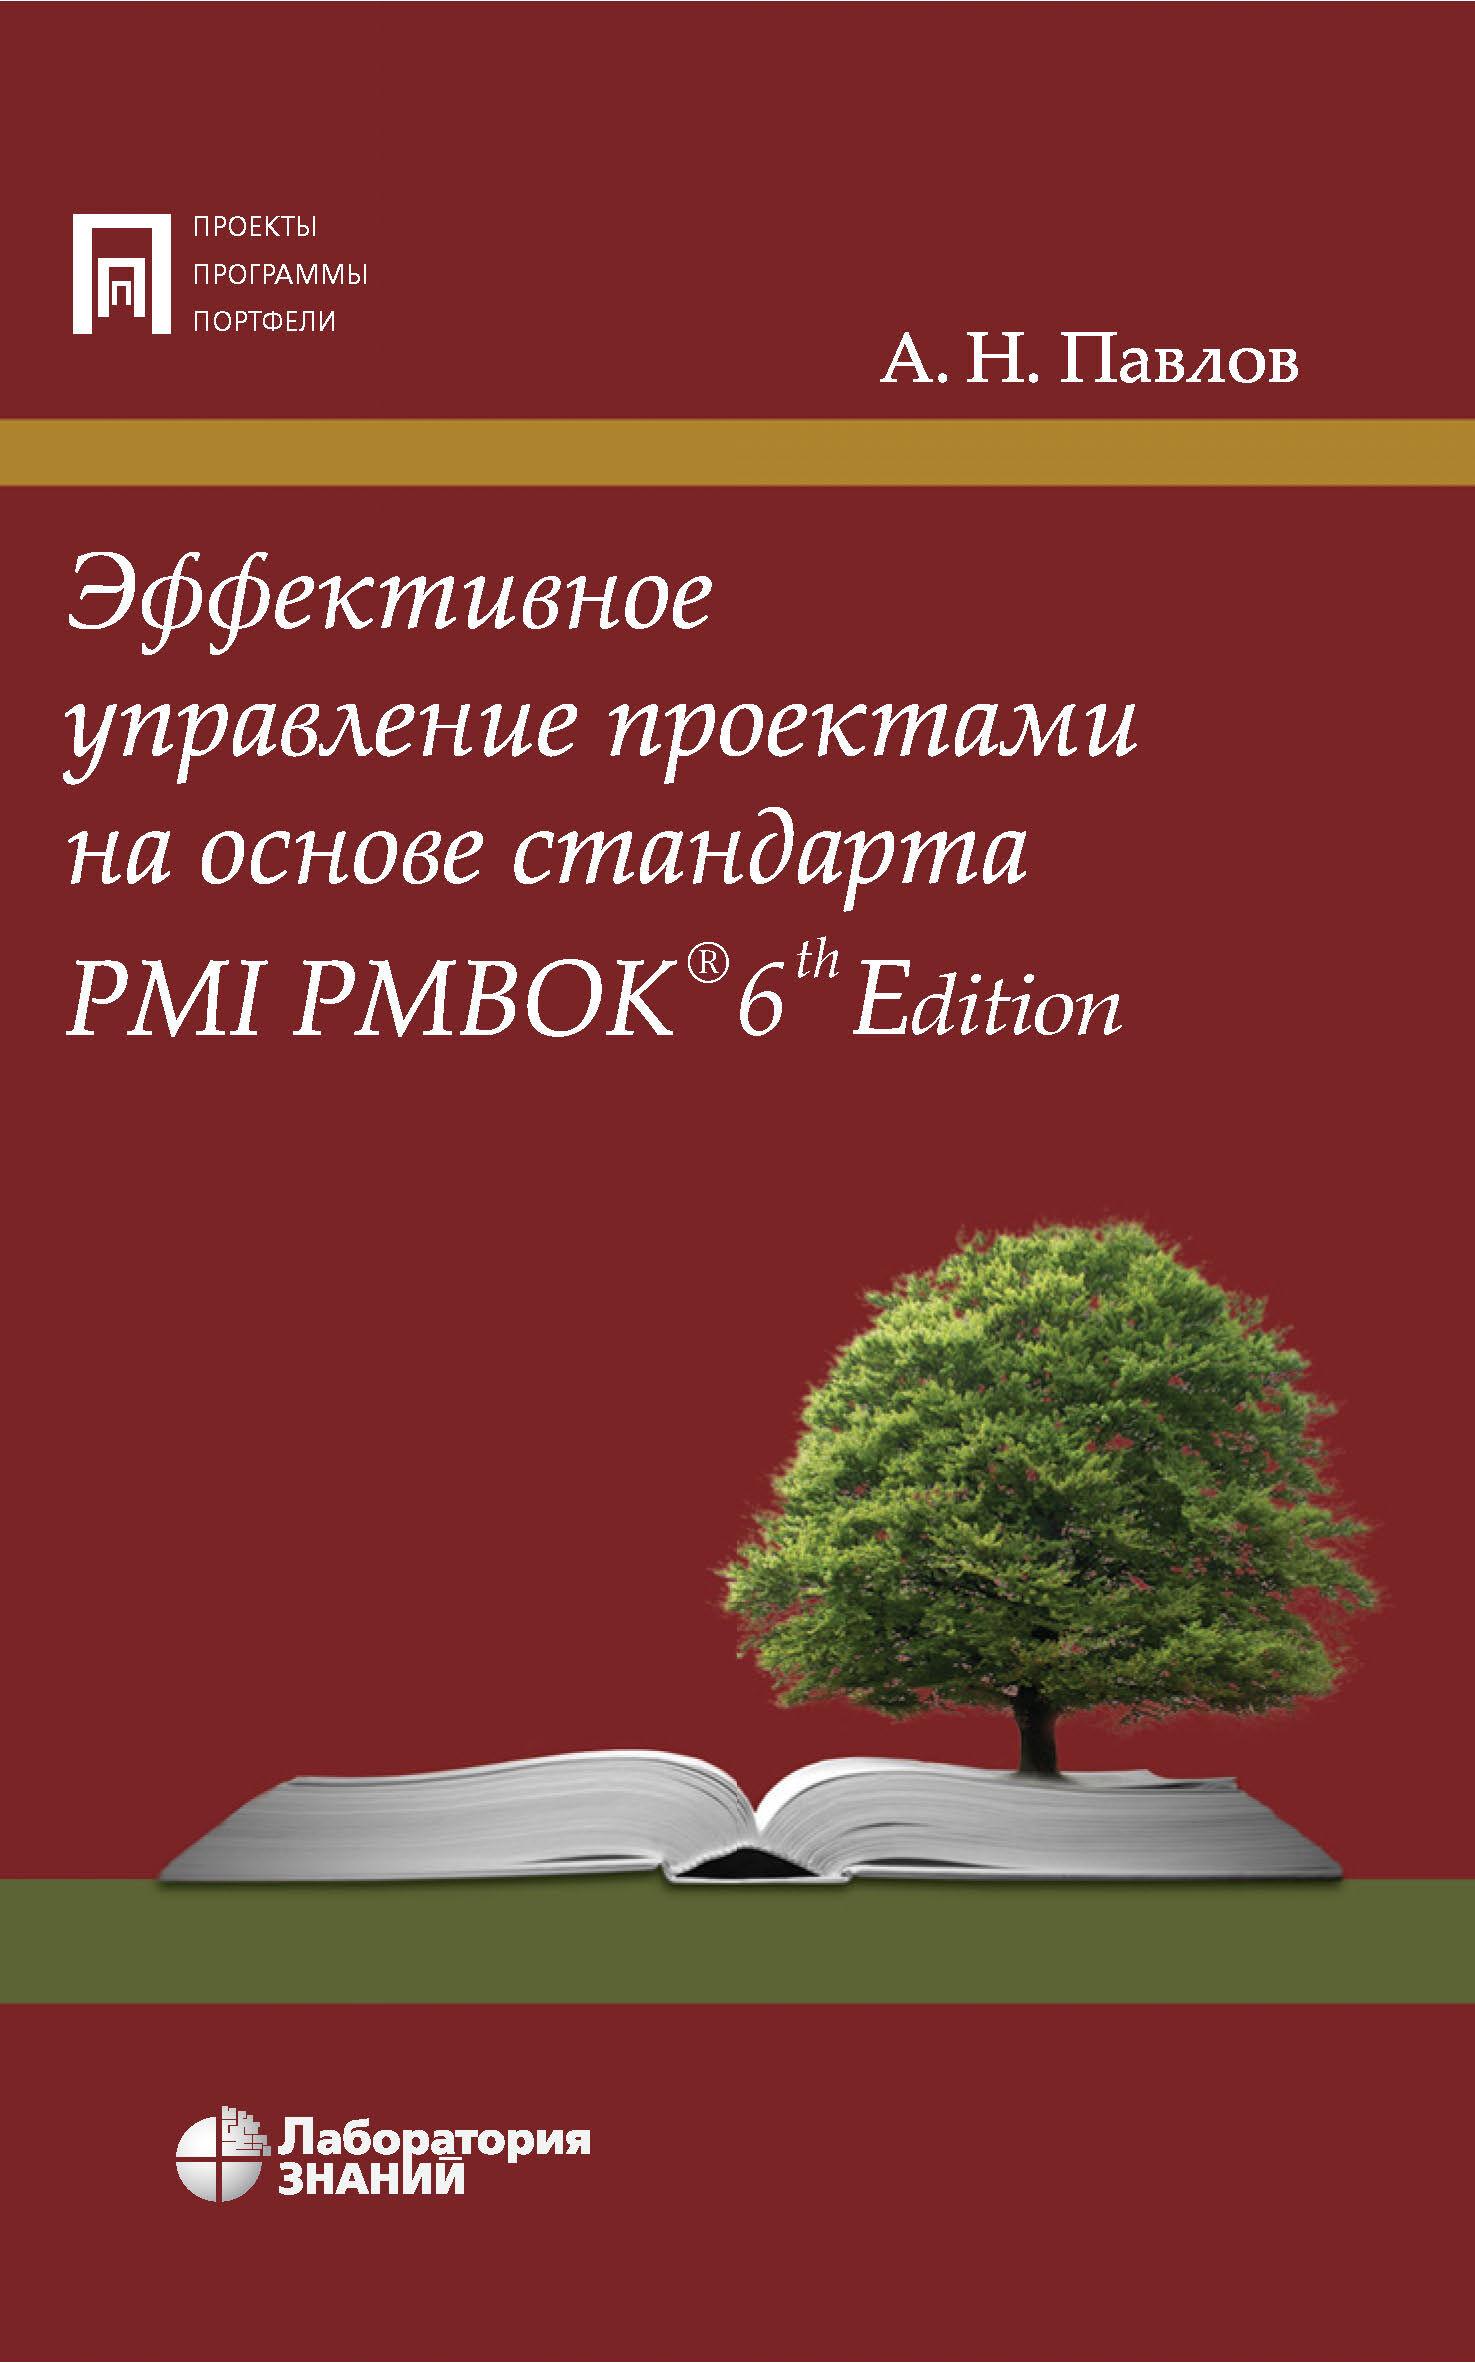 Эффективное управление проектами на основе стандарта PMI PMBOK 6th Edition